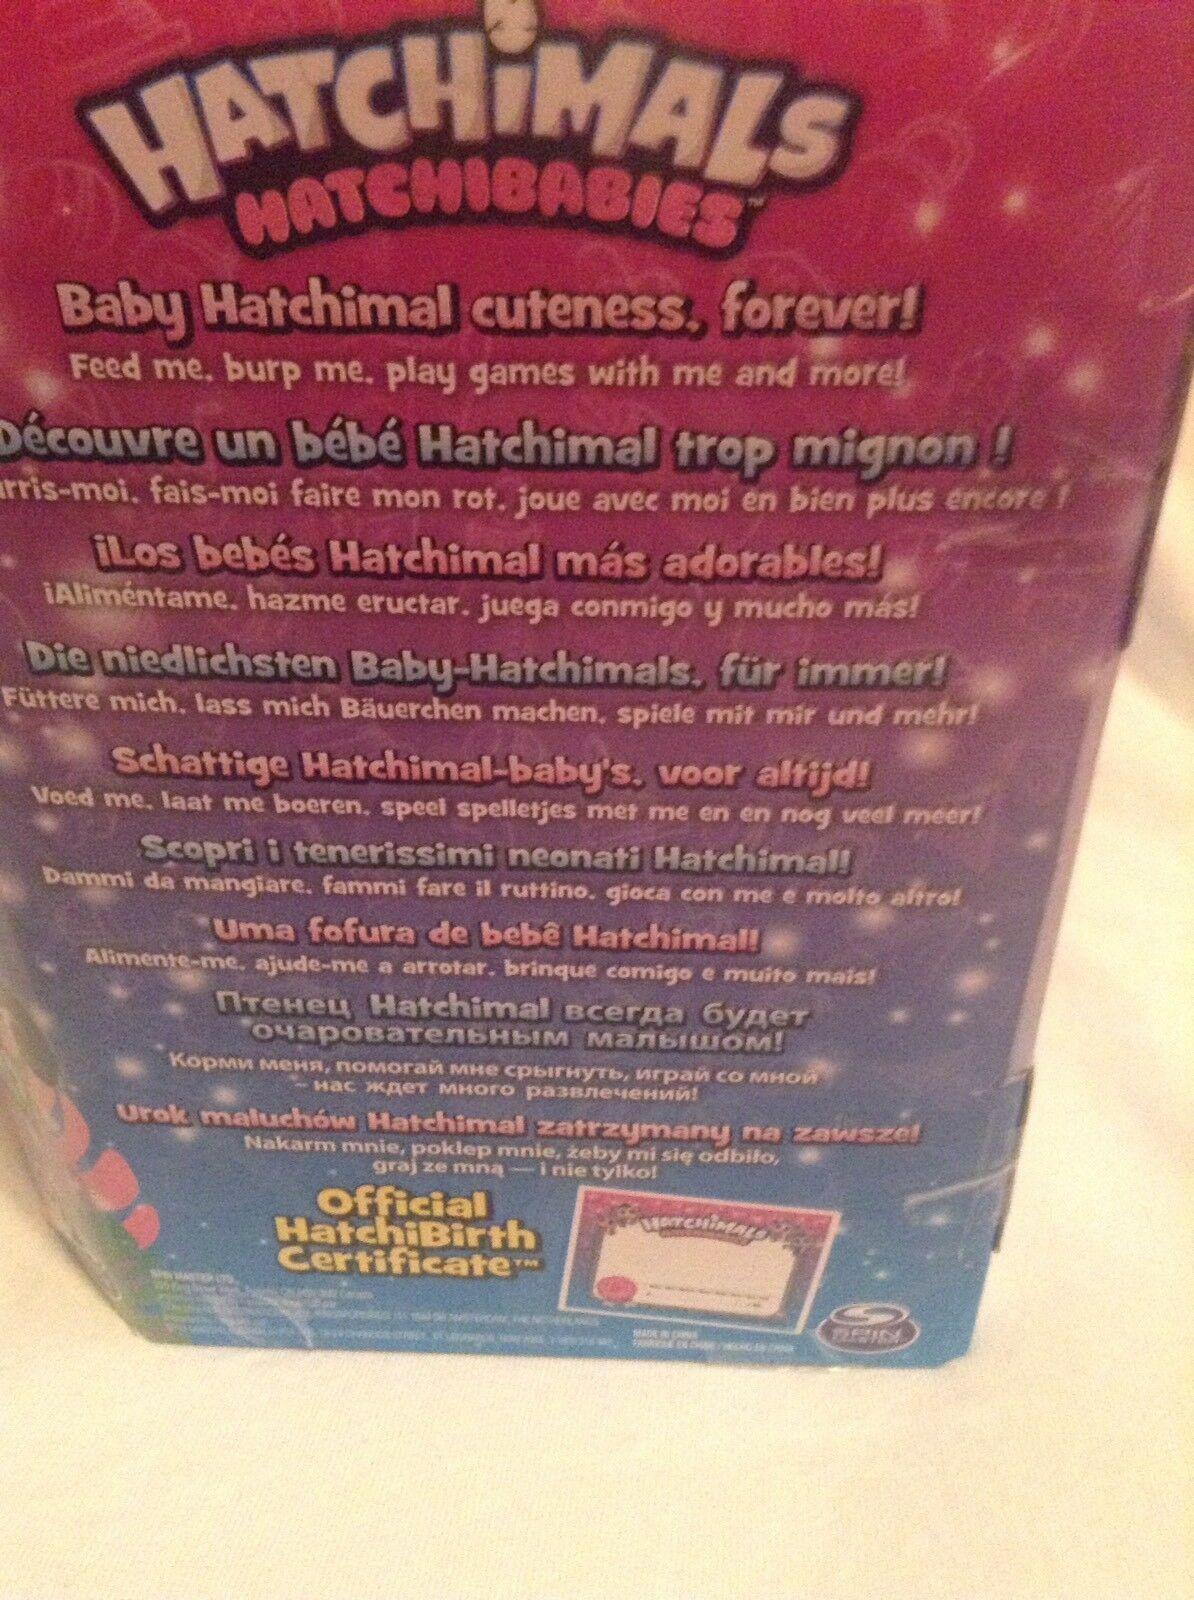 Hatchimals Hatchibabies Monkiwi hatching egg Target exclusive New Easter